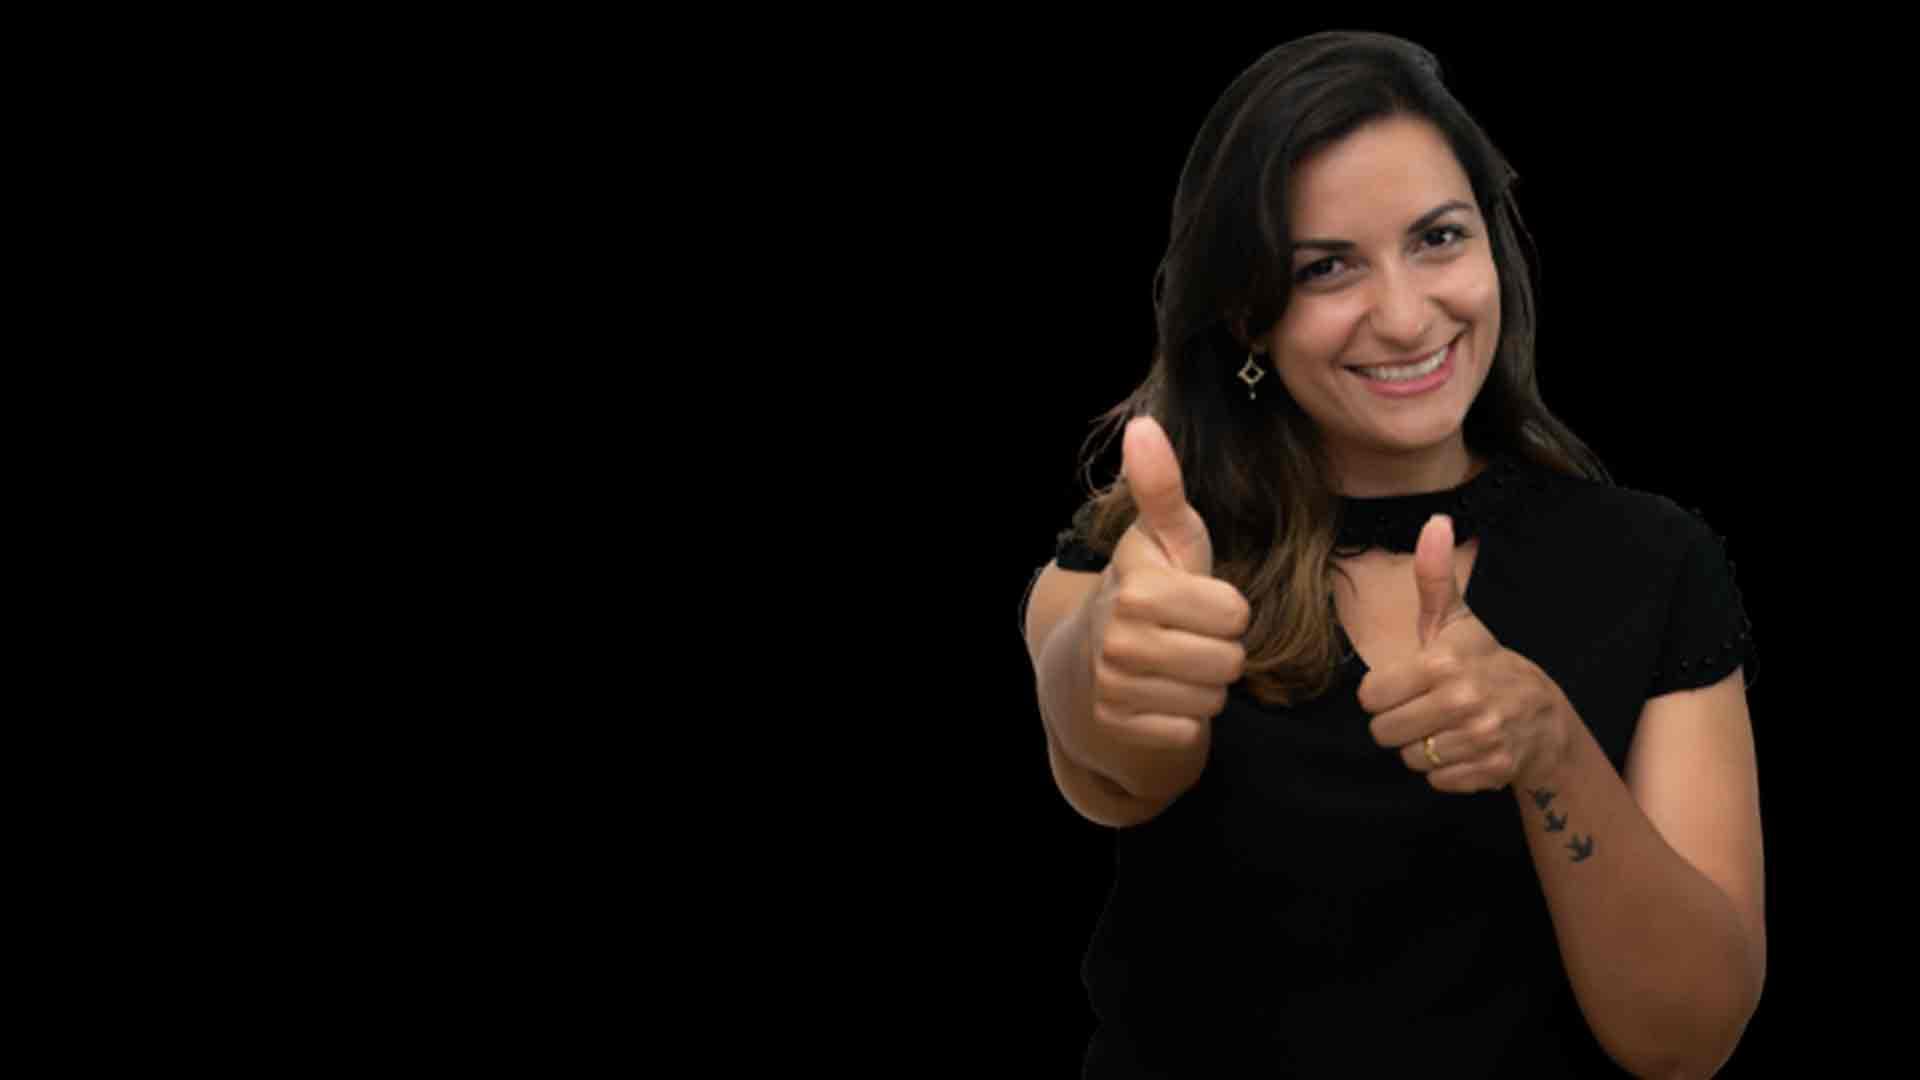 Vídeos para marketing e comunicação externa – DHL Produções (Transmissão ao vivo)